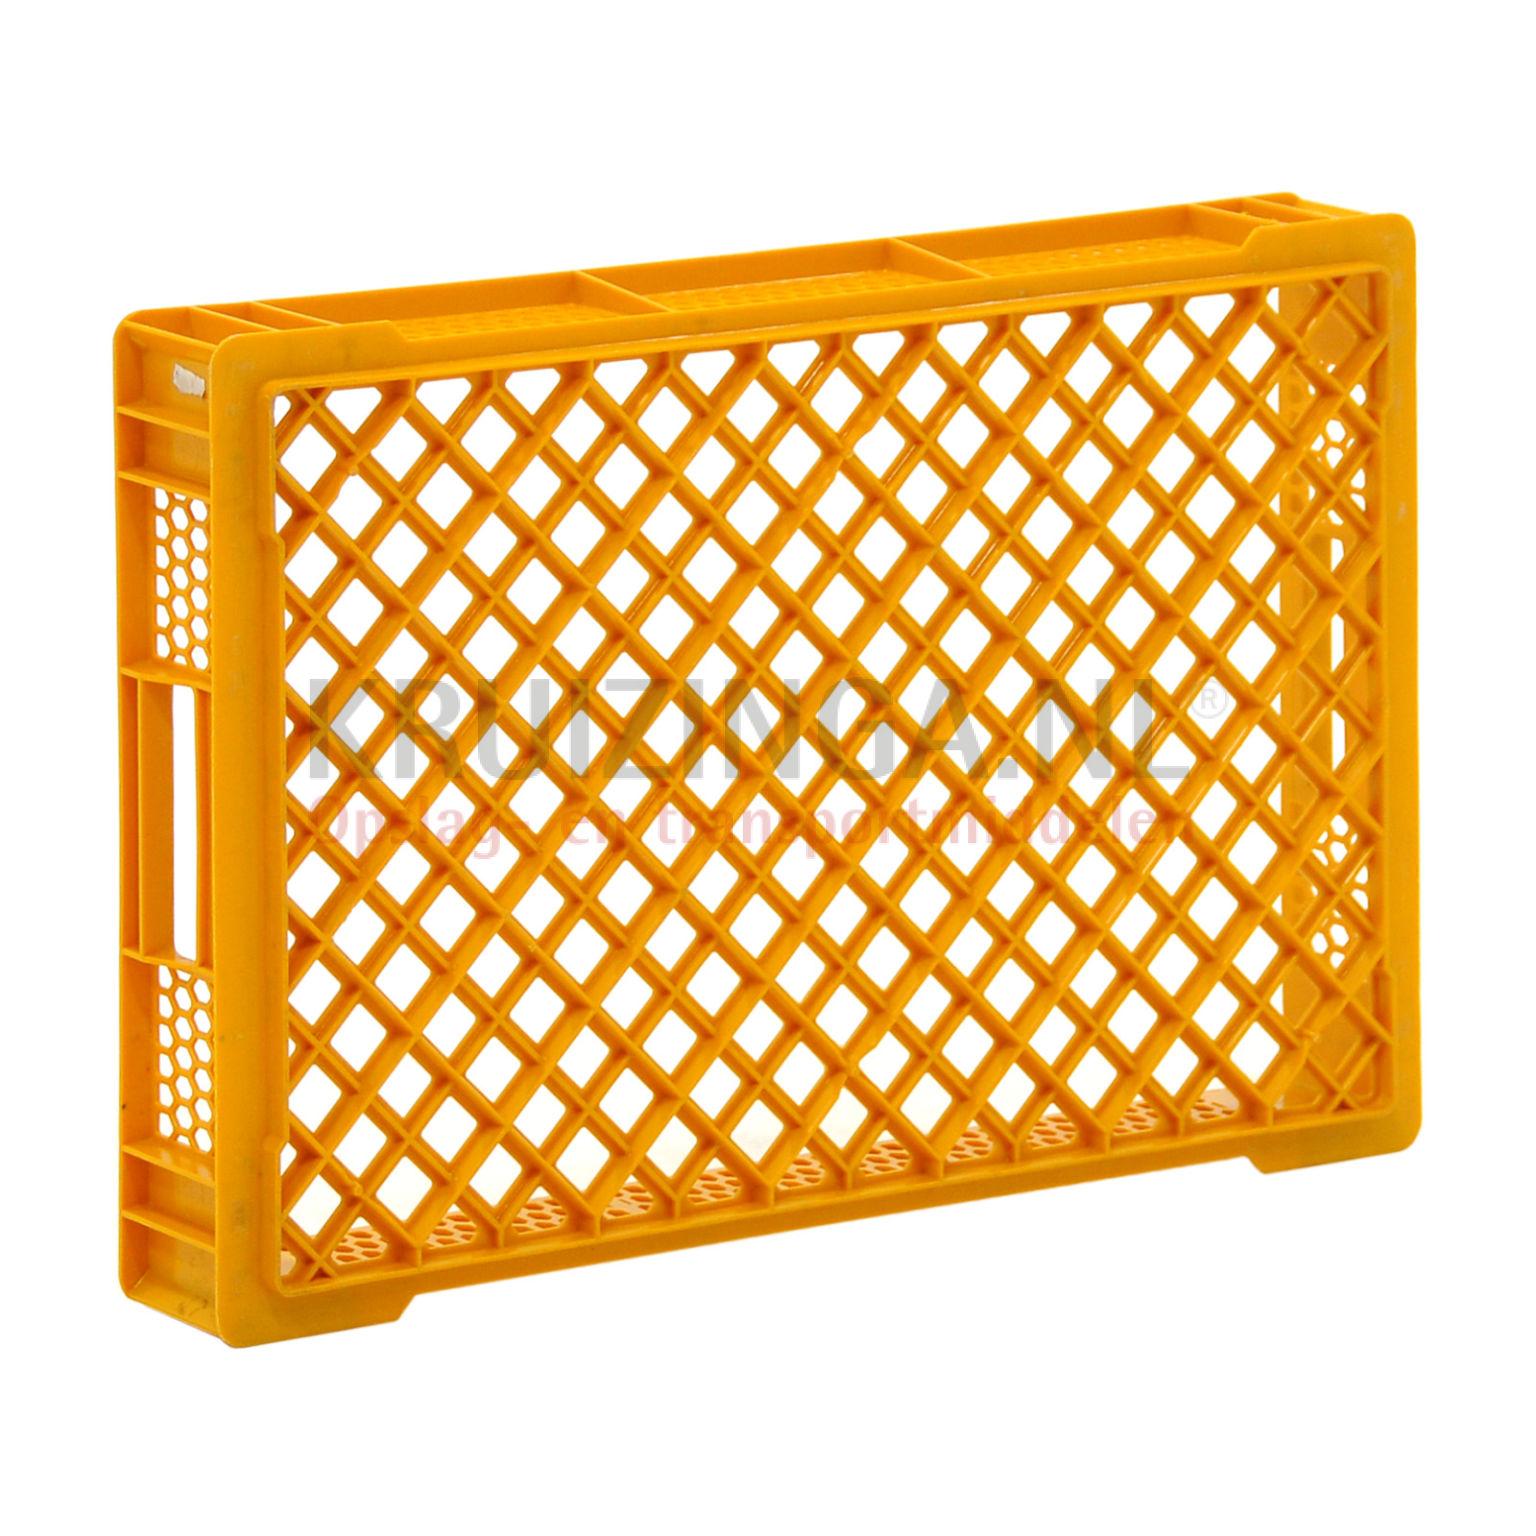 stapelboxen kunststoff stapelbar perforierte w nde und boden gebraucht. Black Bedroom Furniture Sets. Home Design Ideas